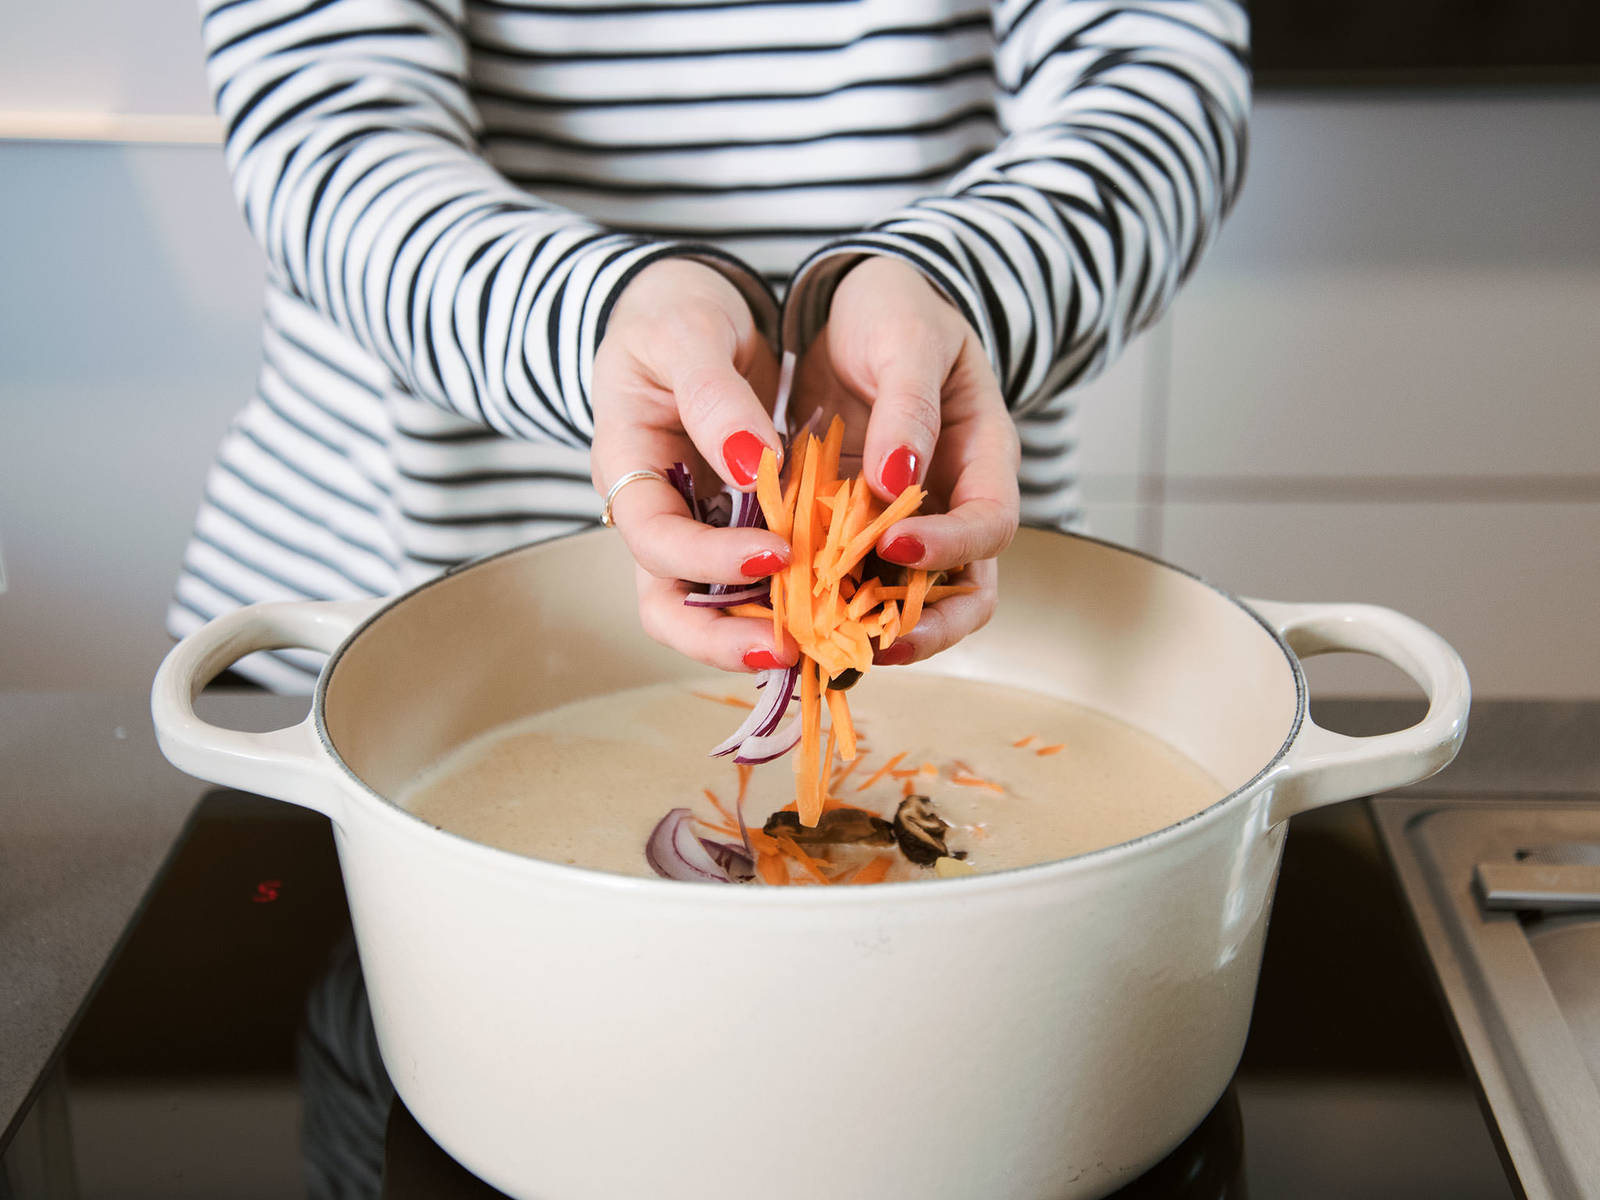 将椰奶混合物和蔬菜高汤一起倒入大平底锅中,搅拌均匀,煮沸。调至小火。放入切好的洋葱、香菇、胡萝卜和竹笋,煮10分钟。放入菠菜,浸入汤中,再煮5分钟。